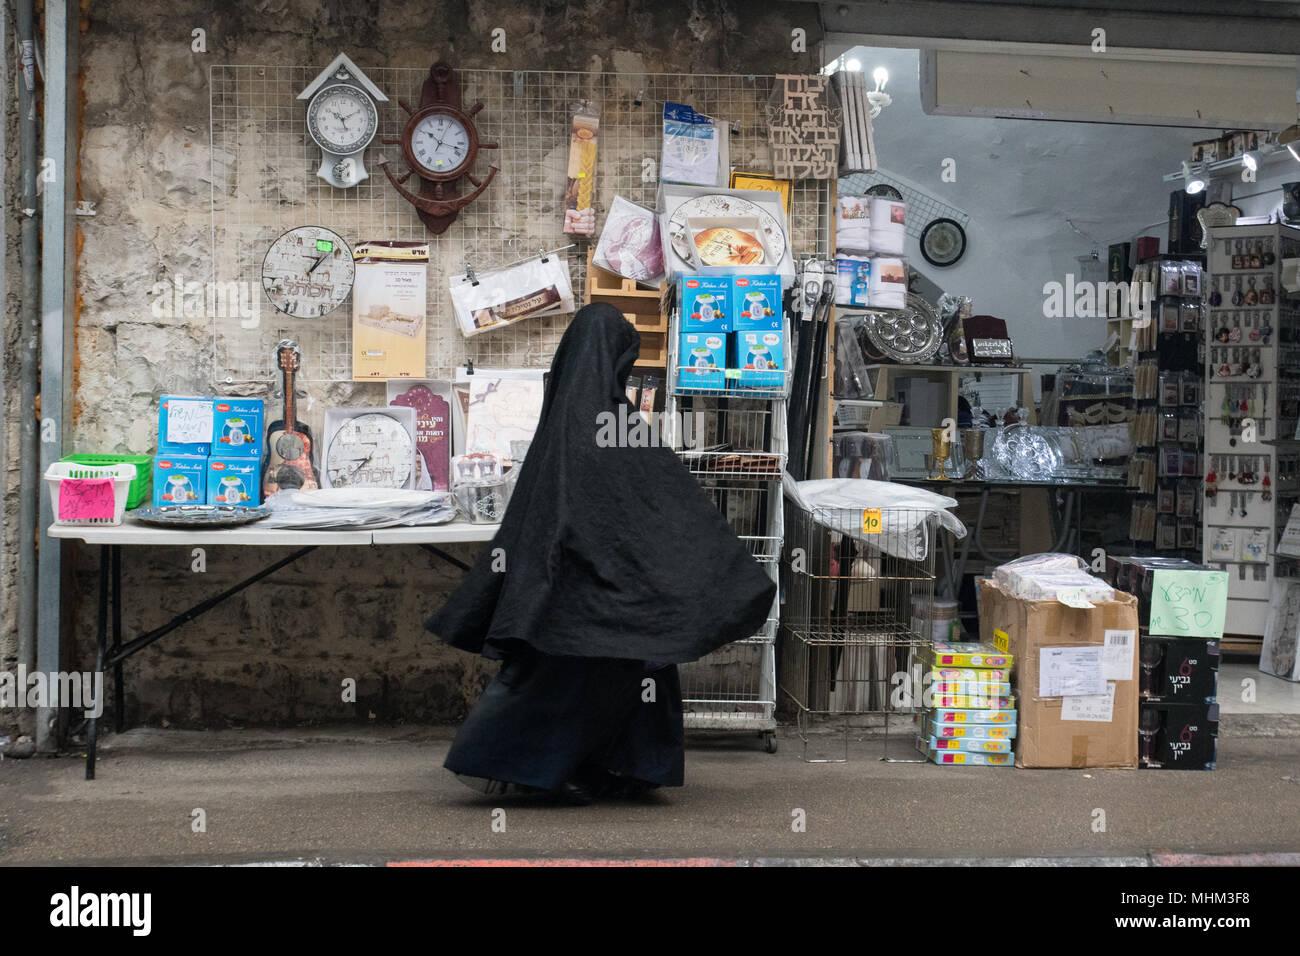 Jerusalén, Israel. El 30 de marzo, 2018. Un joven de la secta Haredi burqa caminando En Mea Shearim vecindario. Foto de stock